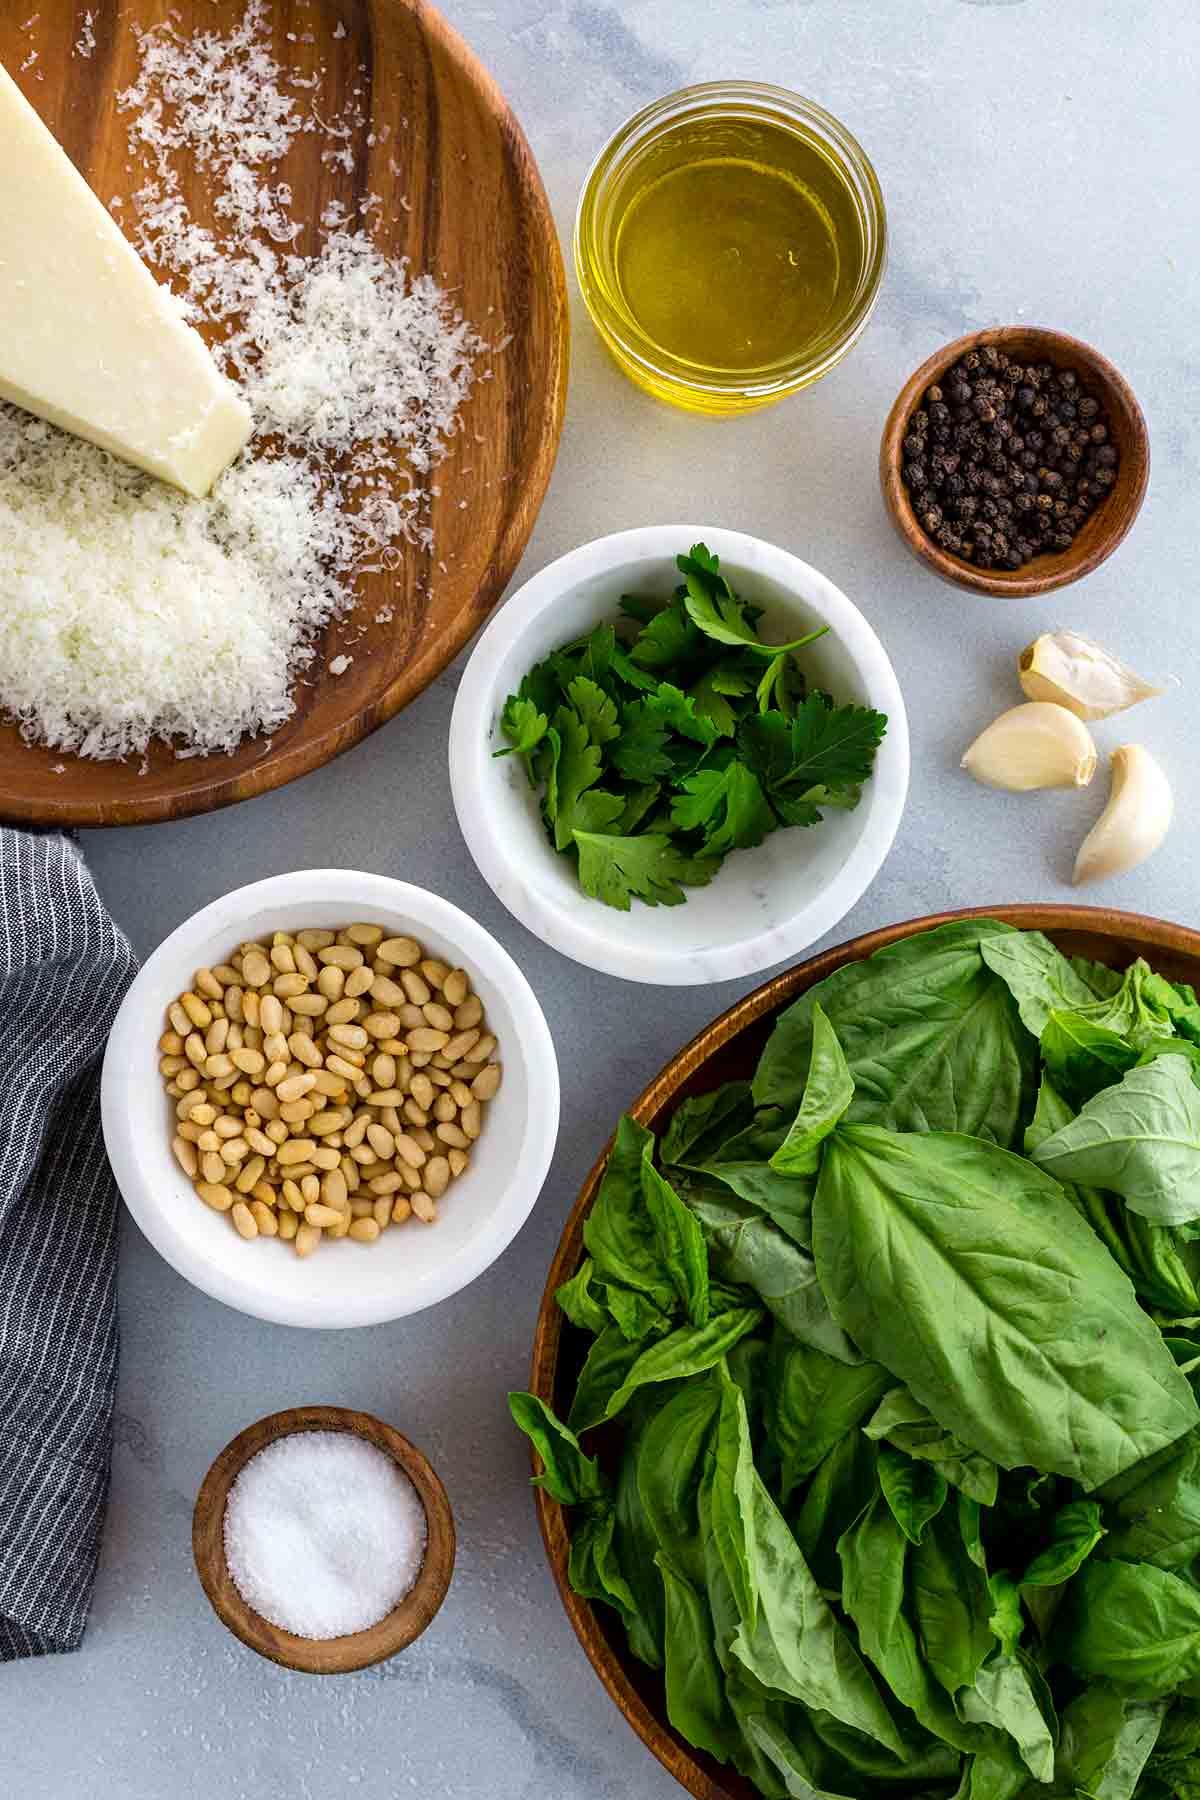 How To Make Pesto Sauce - Jessica Gavin